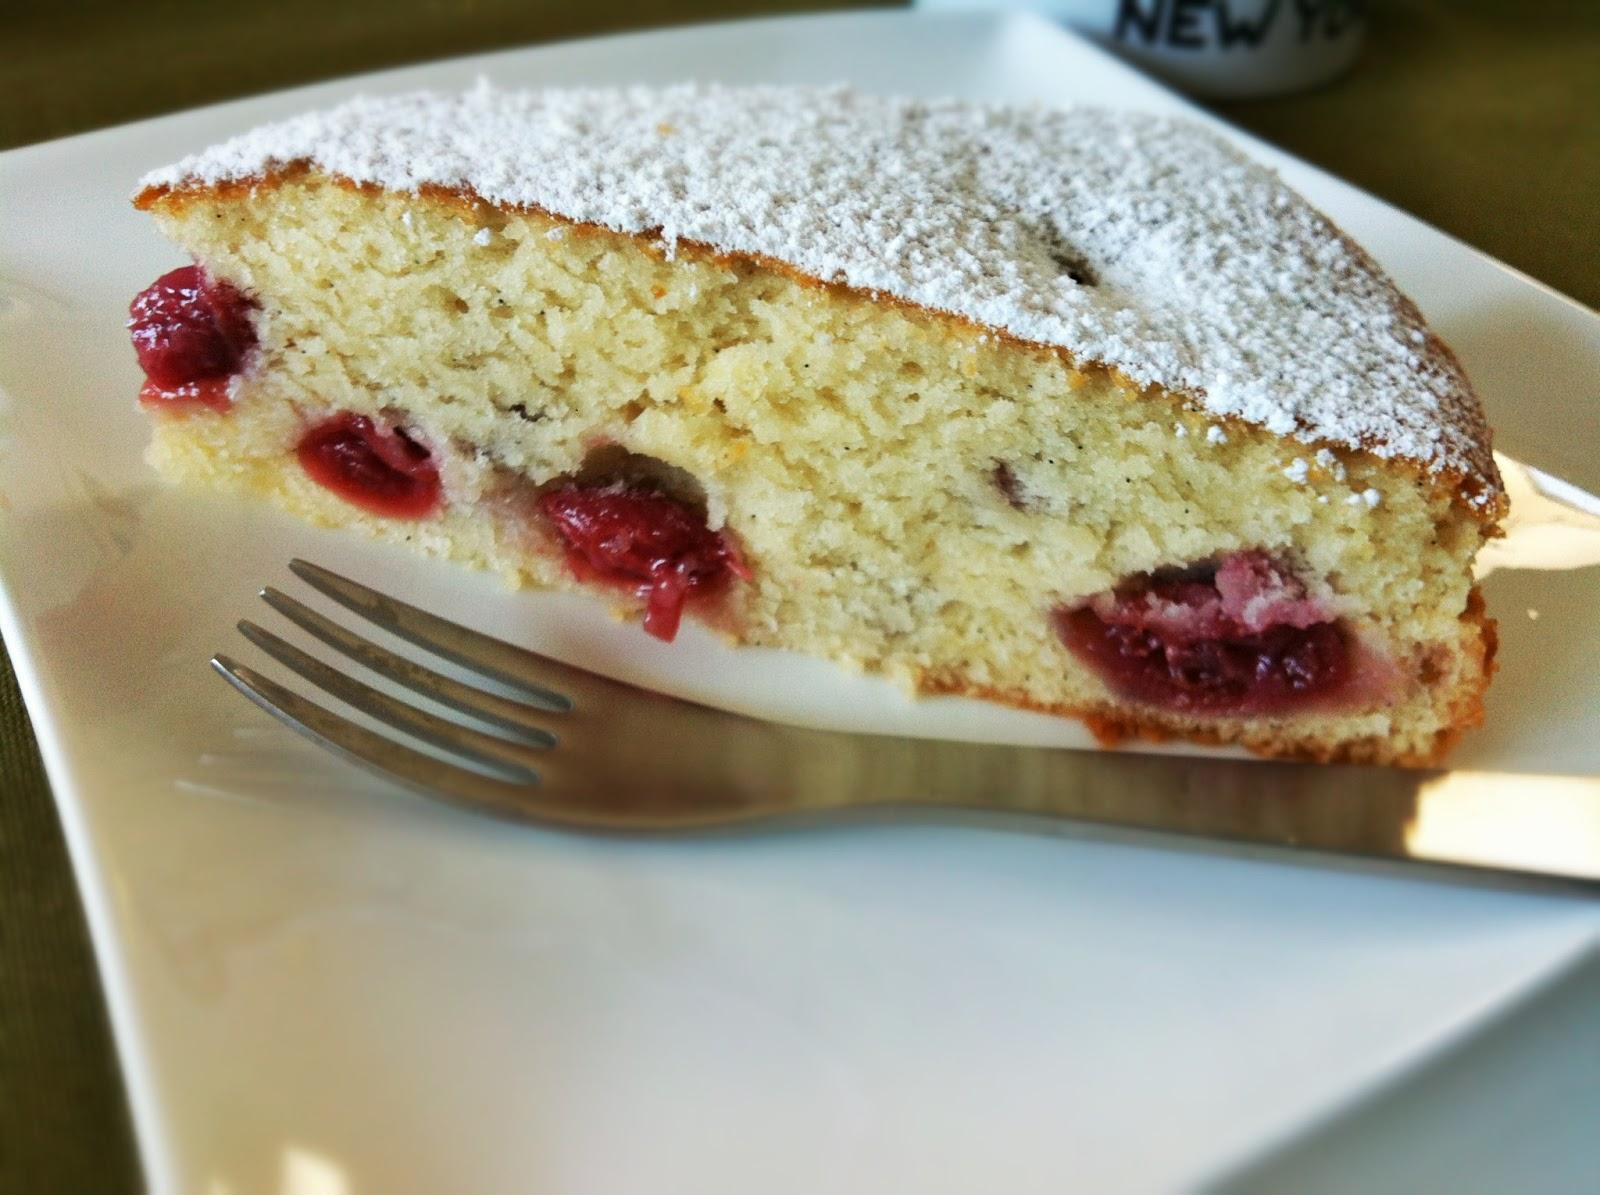 Leicht Kuchen Backen Rezept Und Dann Kam Irma Sonniger Tosca Kuchen